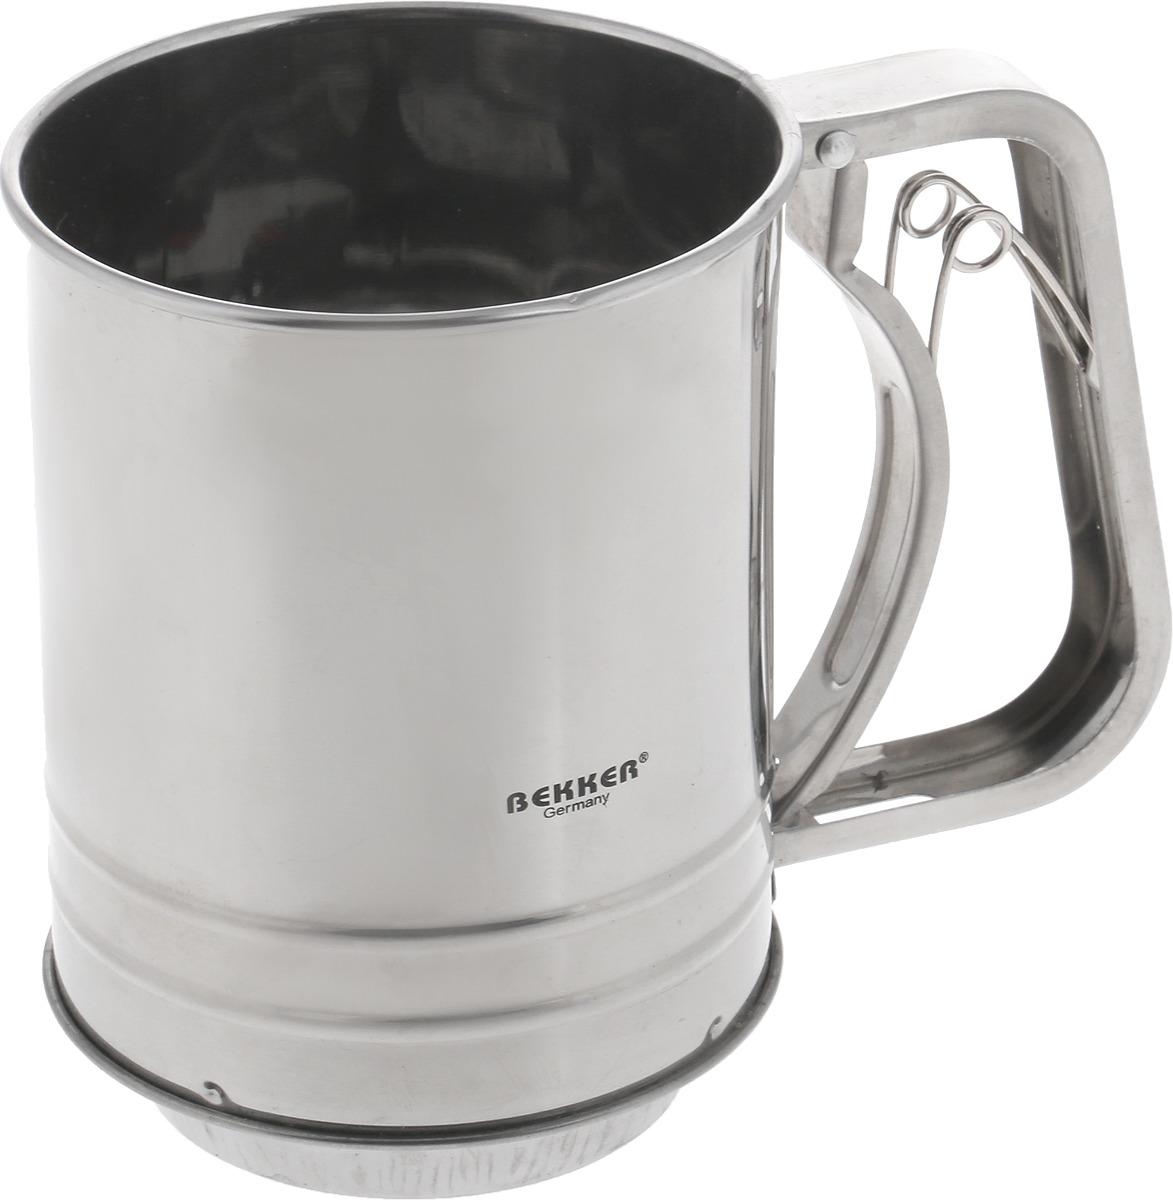 Кружка-сито Bekker, 0,5 л. BK-9206 цена